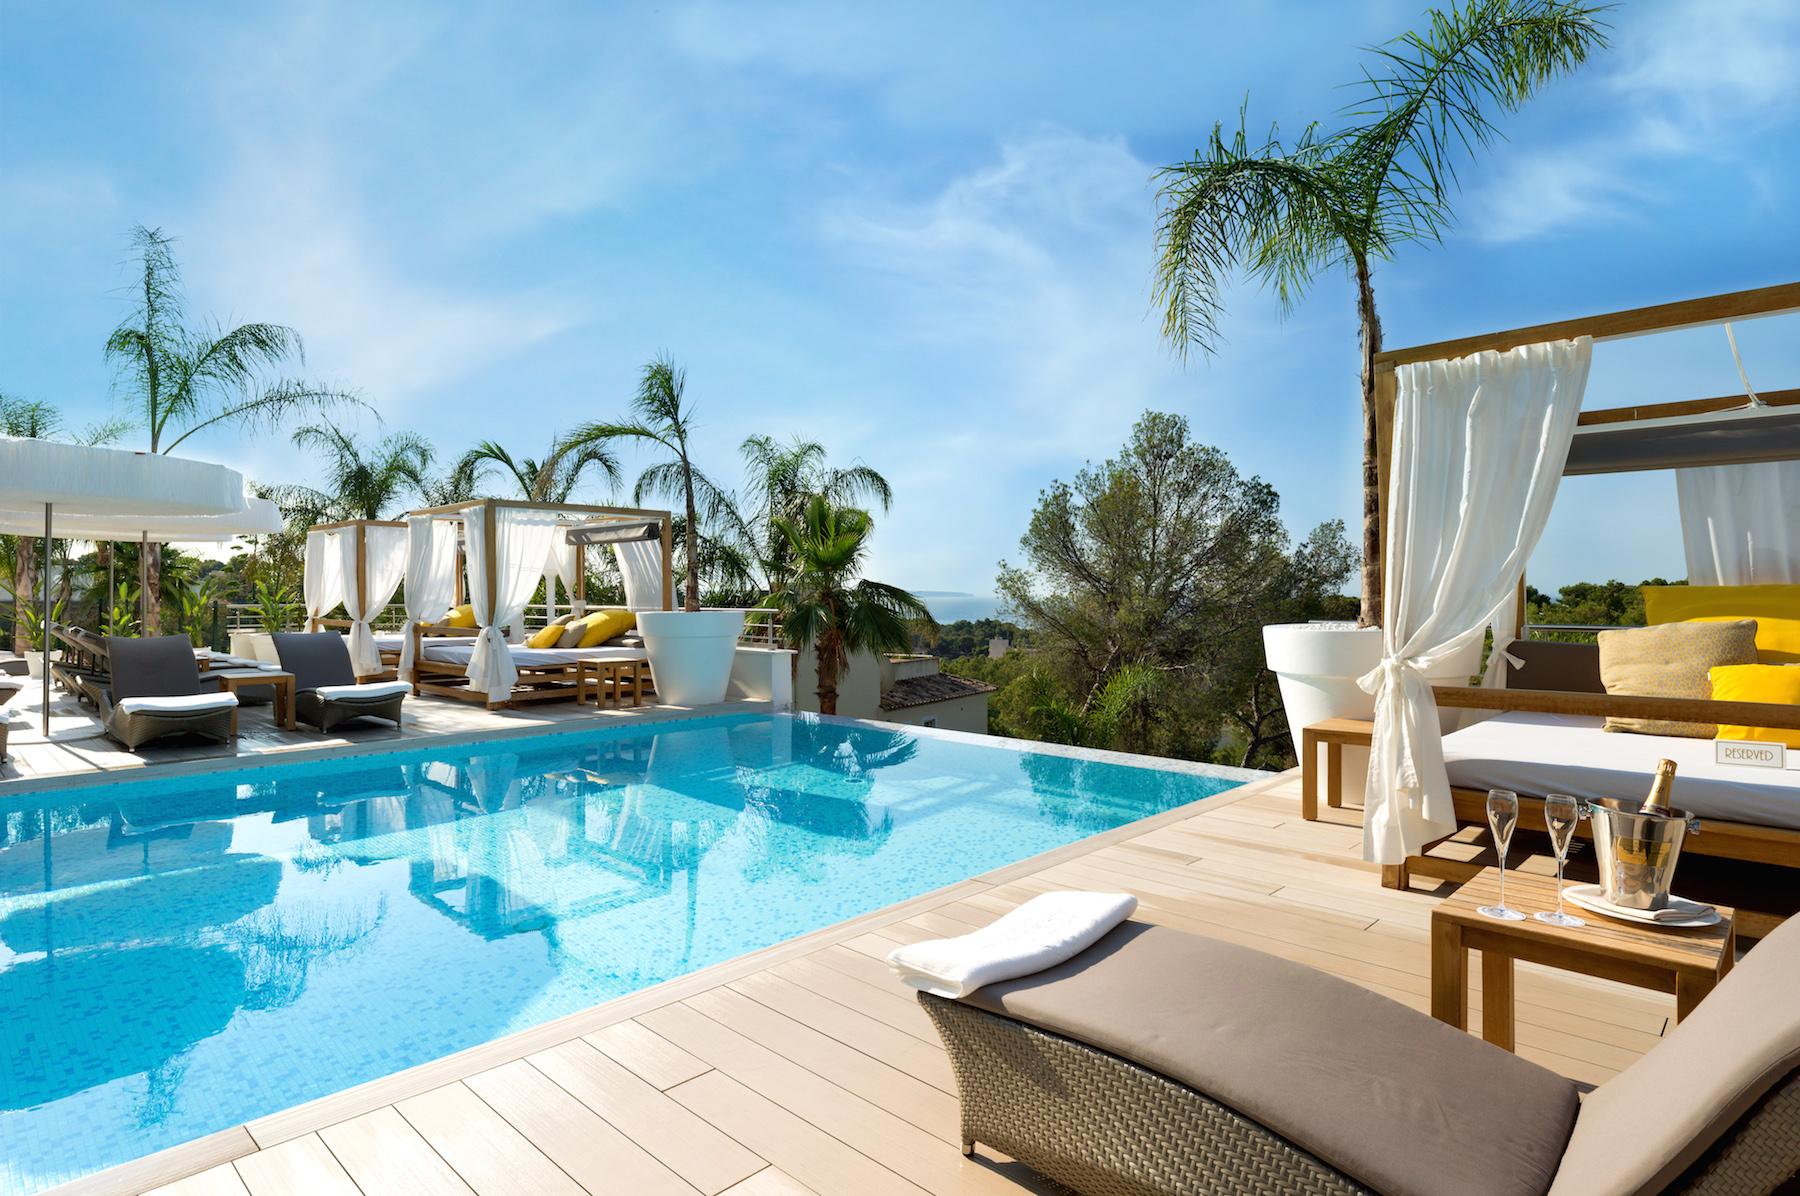 willkommen in der schweizer golfschule auf mallorca portals hills boutique hotel 5. Black Bedroom Furniture Sets. Home Design Ideas